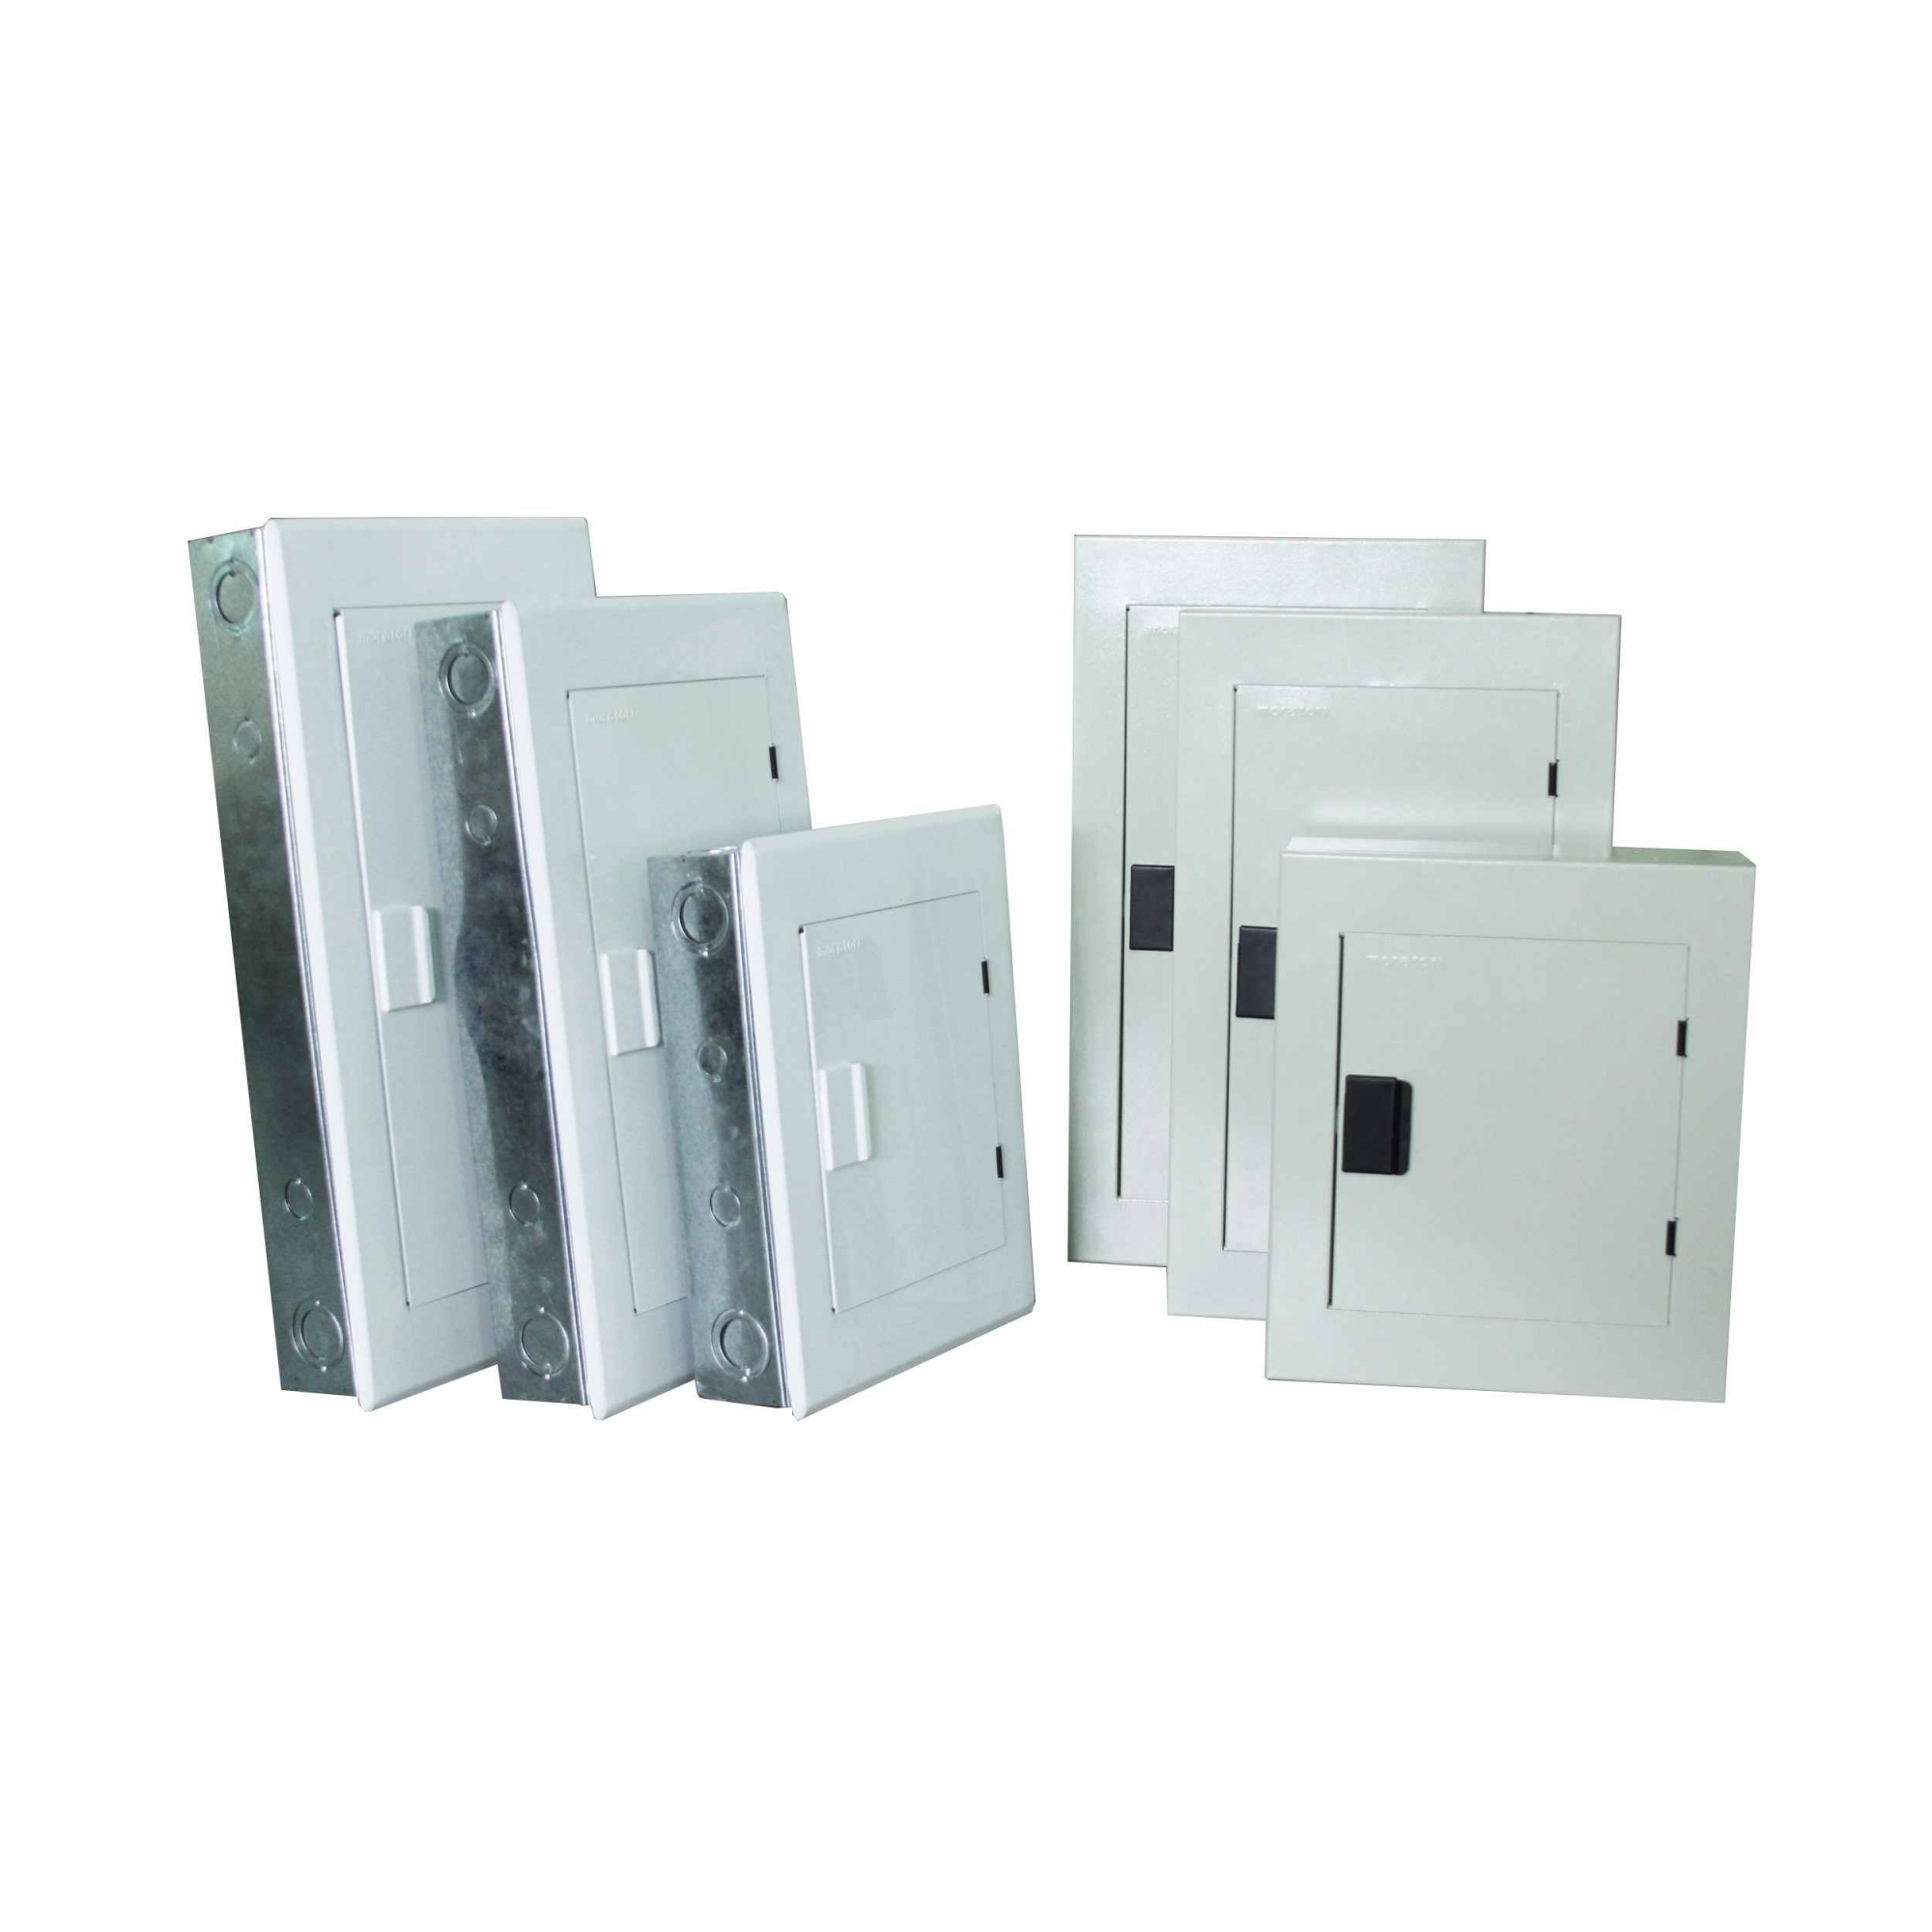 Quadro De Distribuição Sob Metal 42 Disj C/ Barr 150a